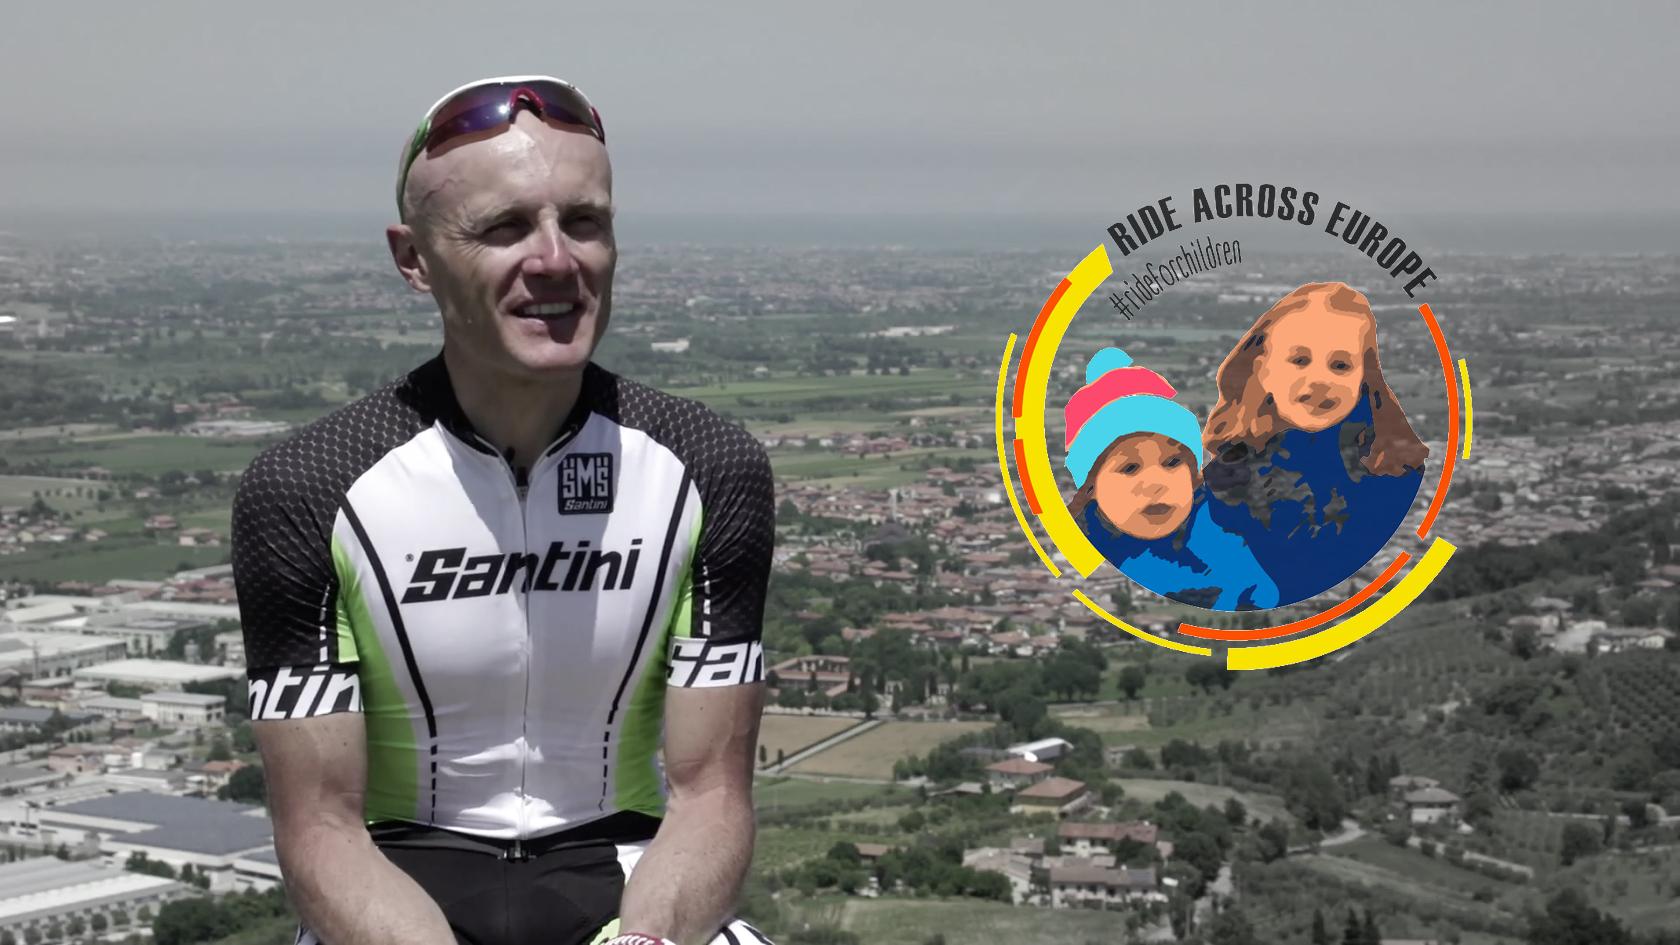 [ParlamiditER] Fred Morini e la Ride Across Europe: da Milano a Stoccolma per beneficenza